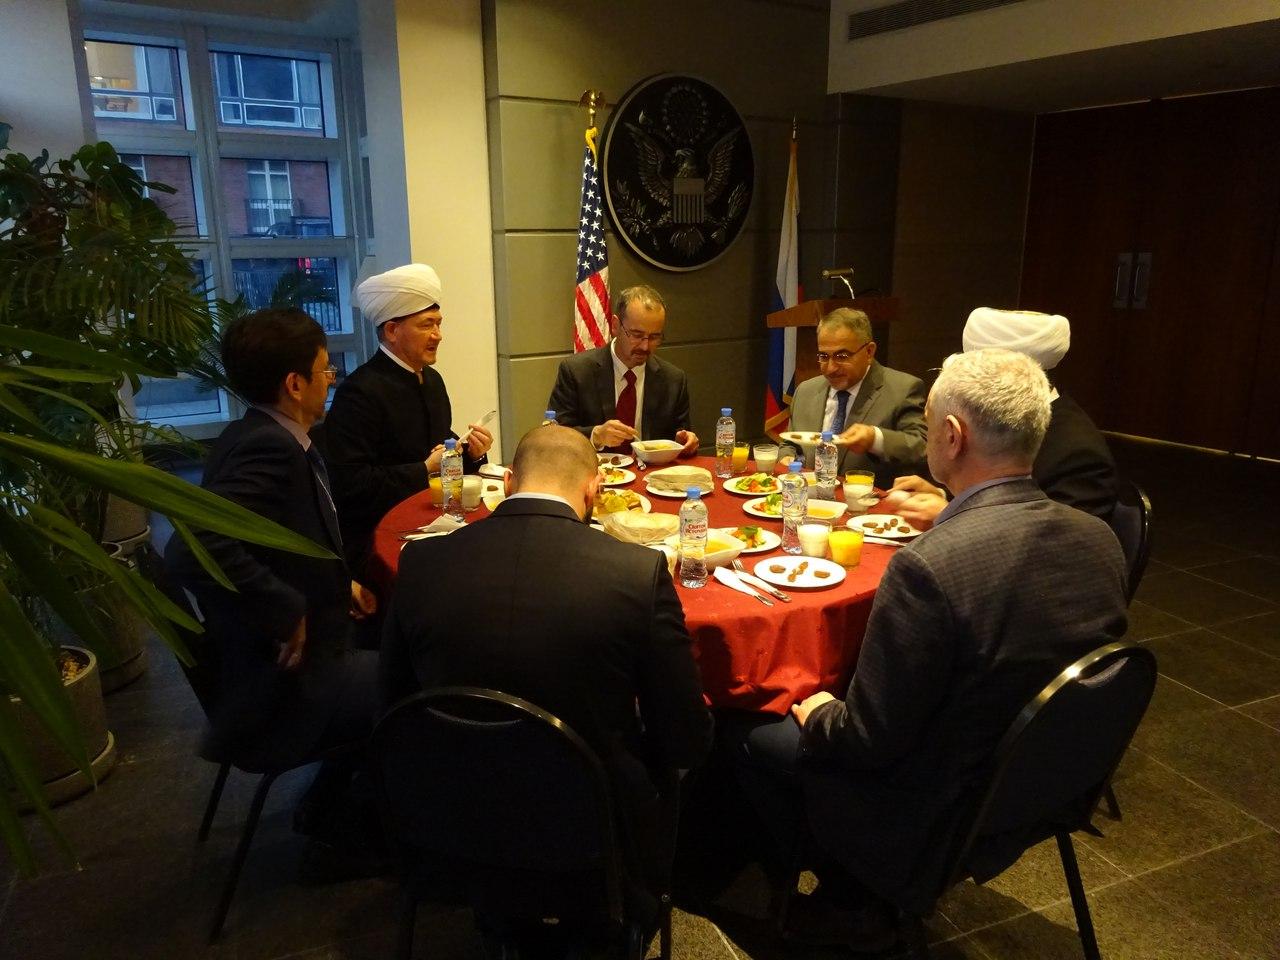 Трапеза разговения в посольстве США